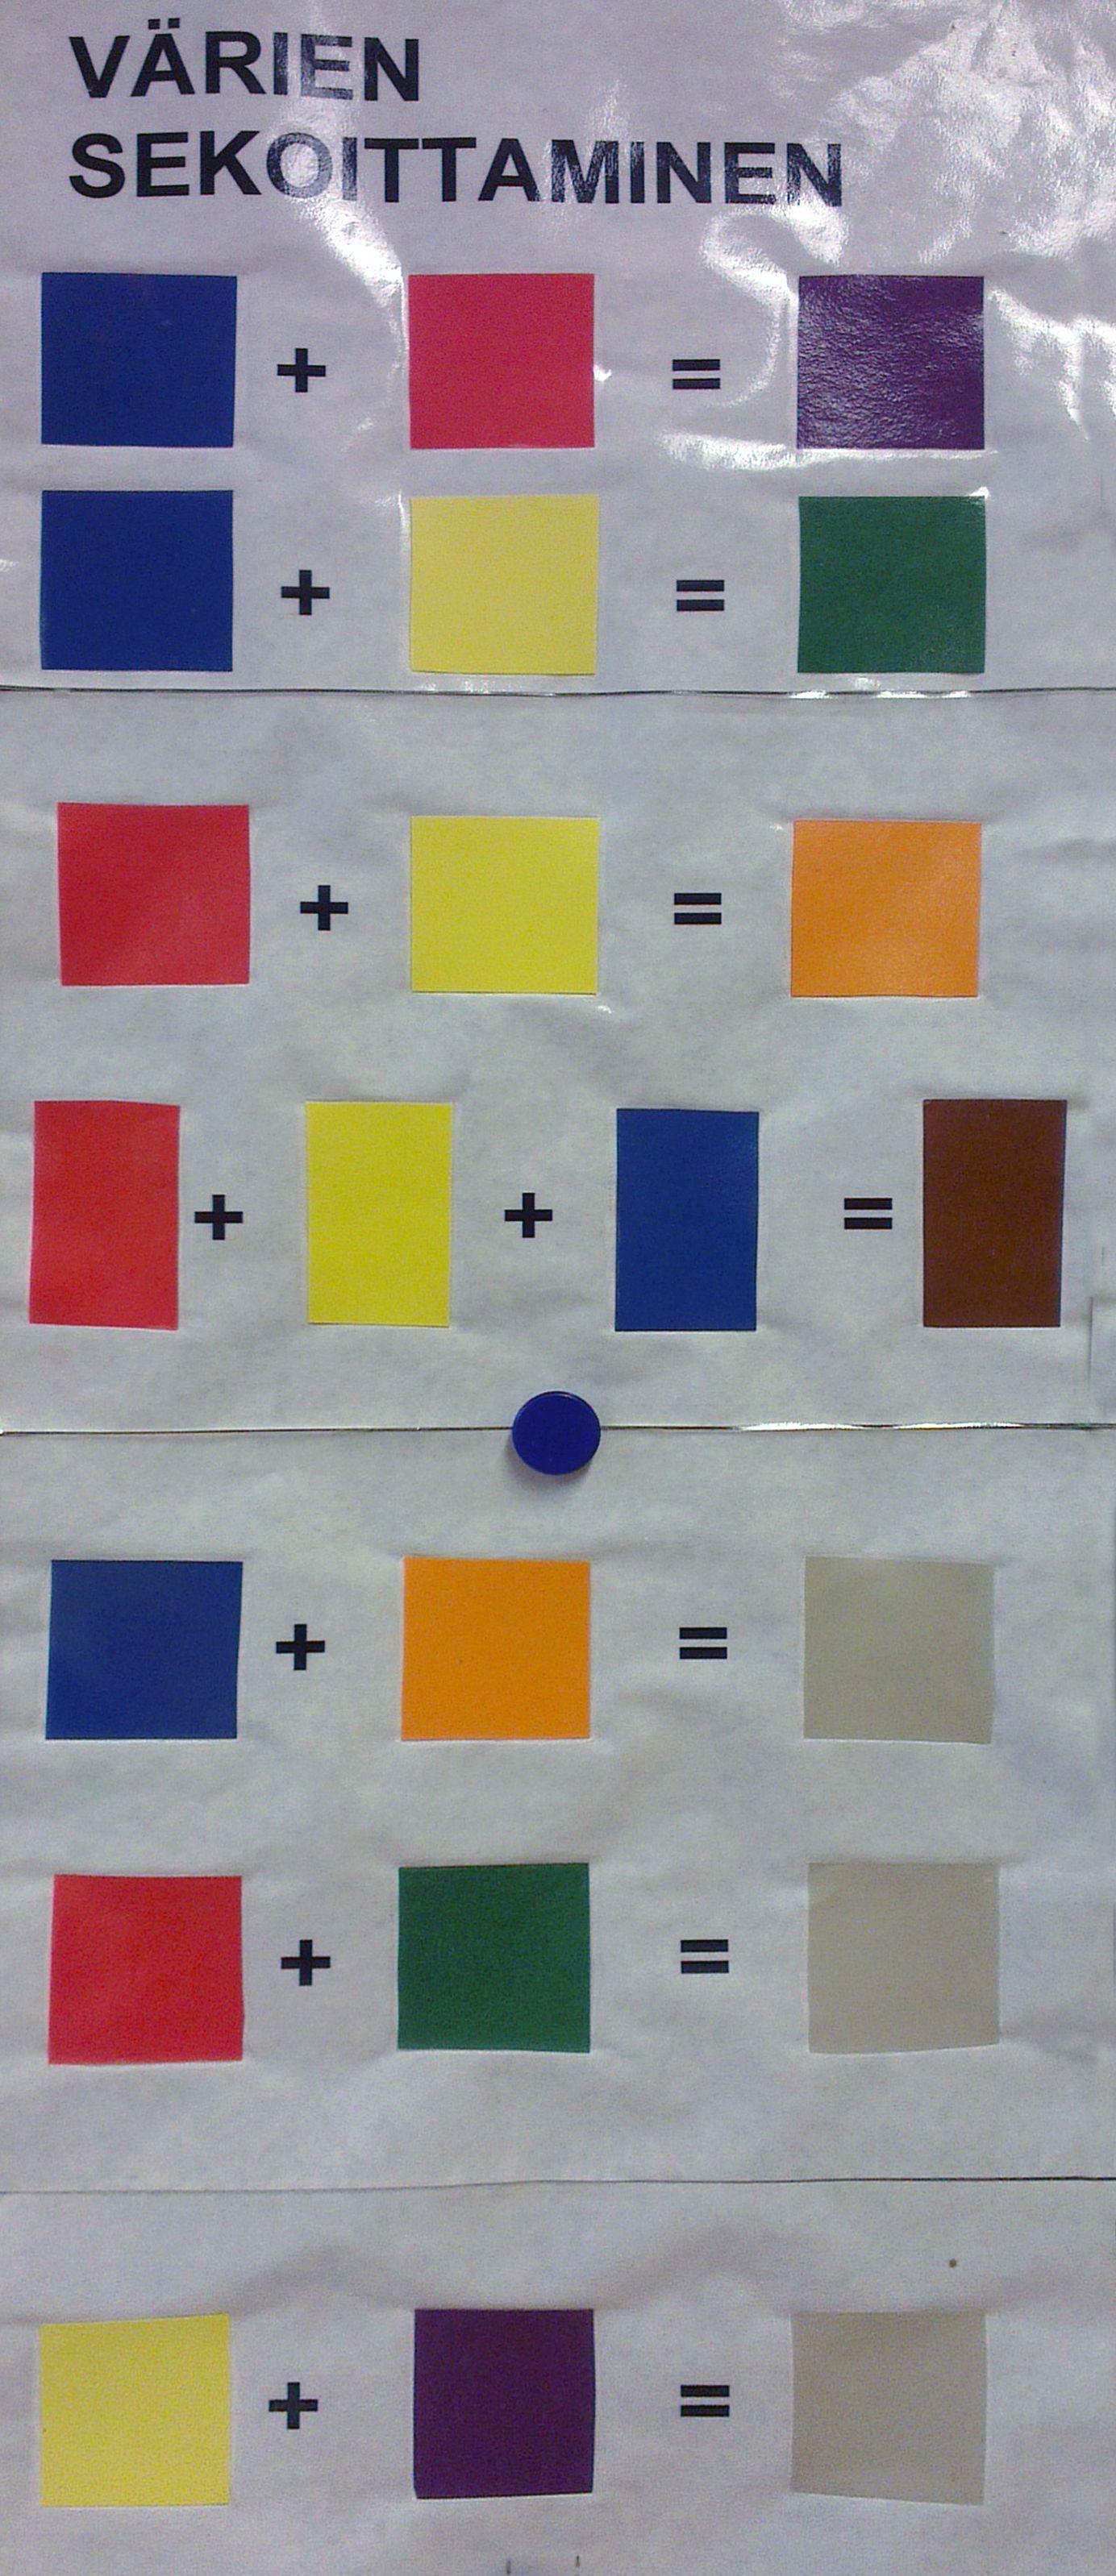 Värien Sekoitus Kartta